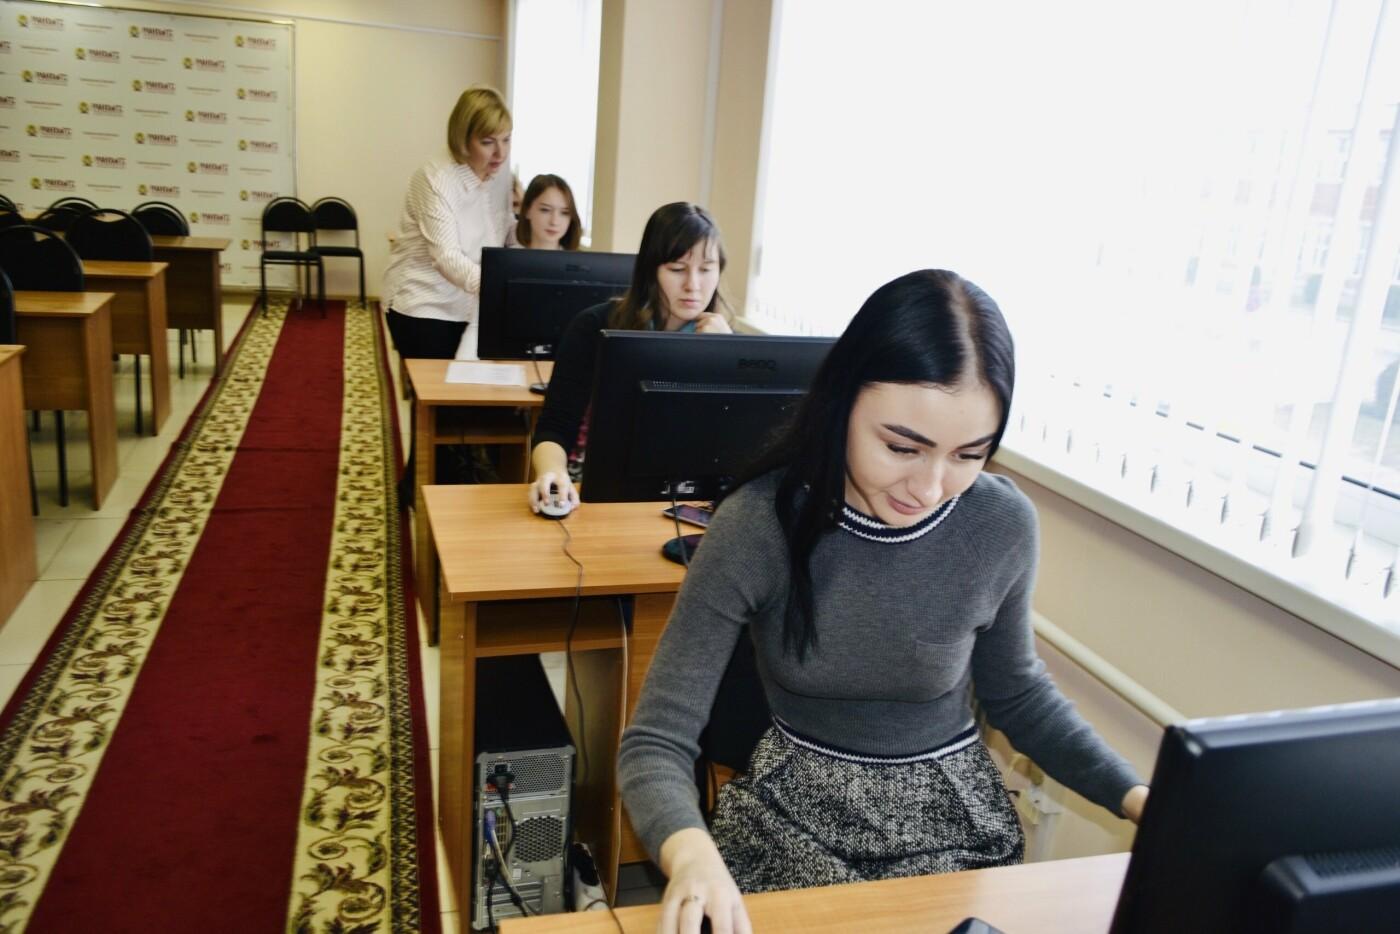 Первокурсники Тамбовского филиала РАНХиГС зарегистрировались в электронно-библиотечных системах, фото-1